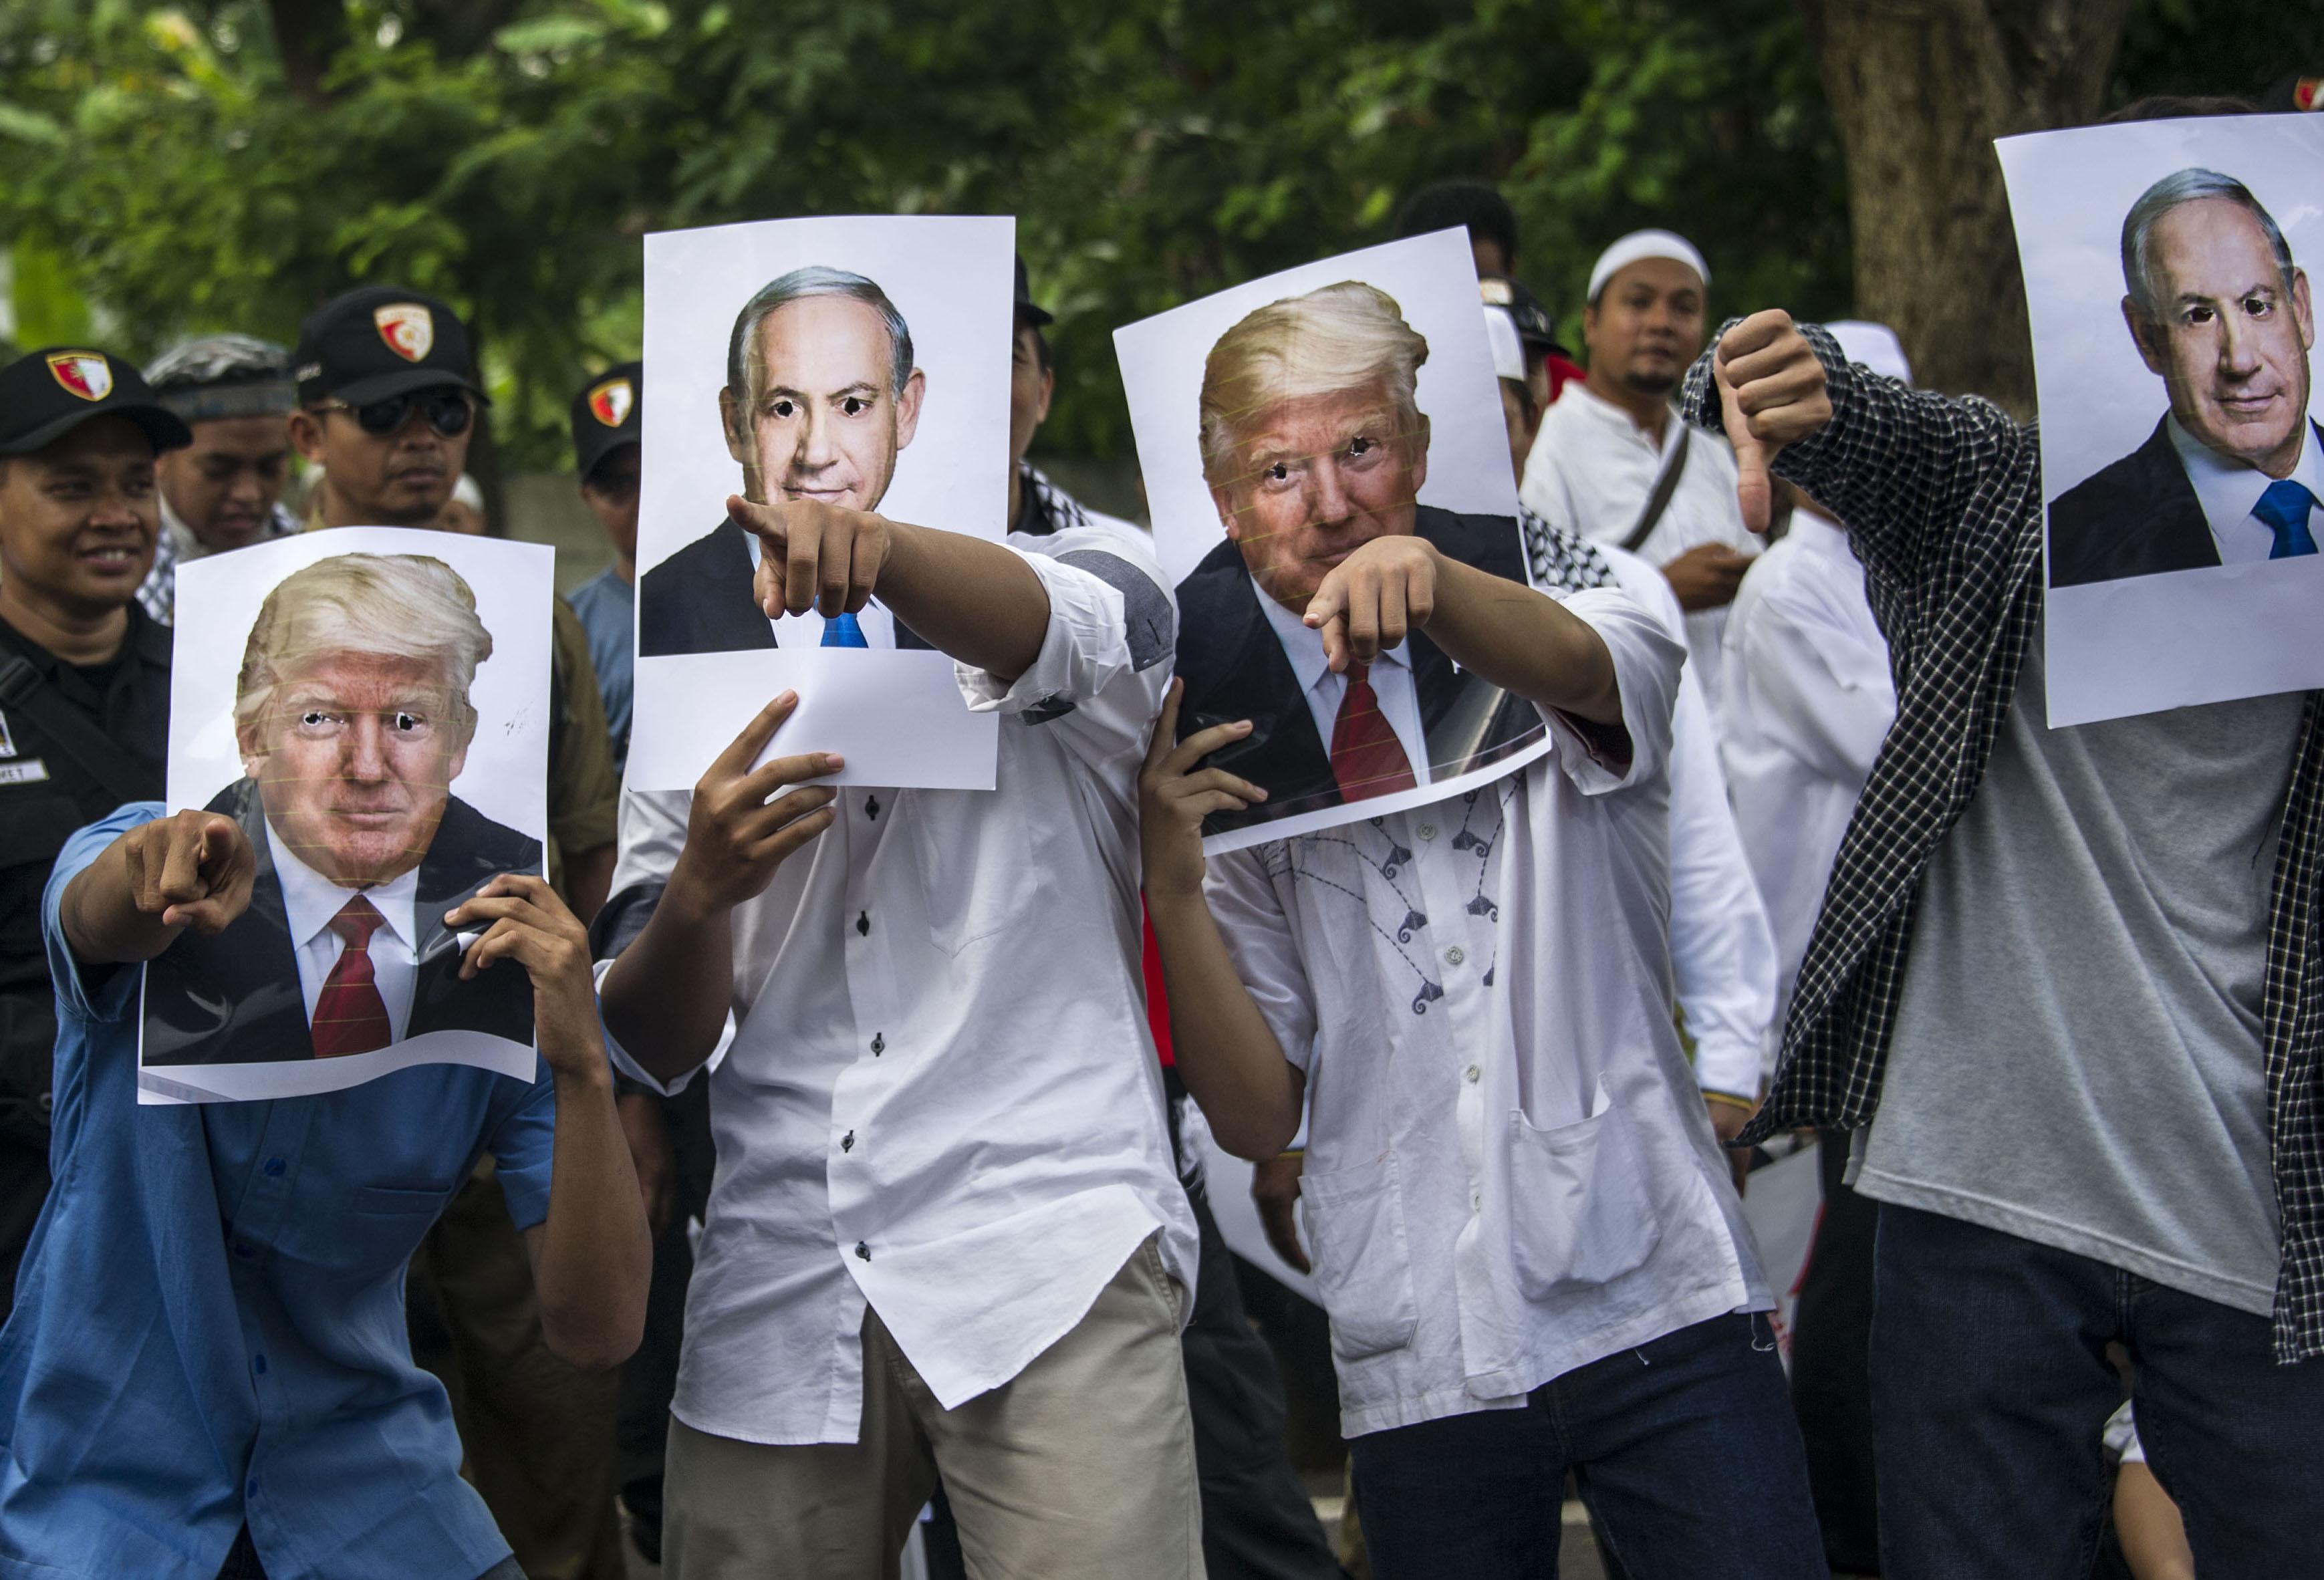 متظاهرون يرفعون صور ترامب ونتنياهو فى إندونيسيا